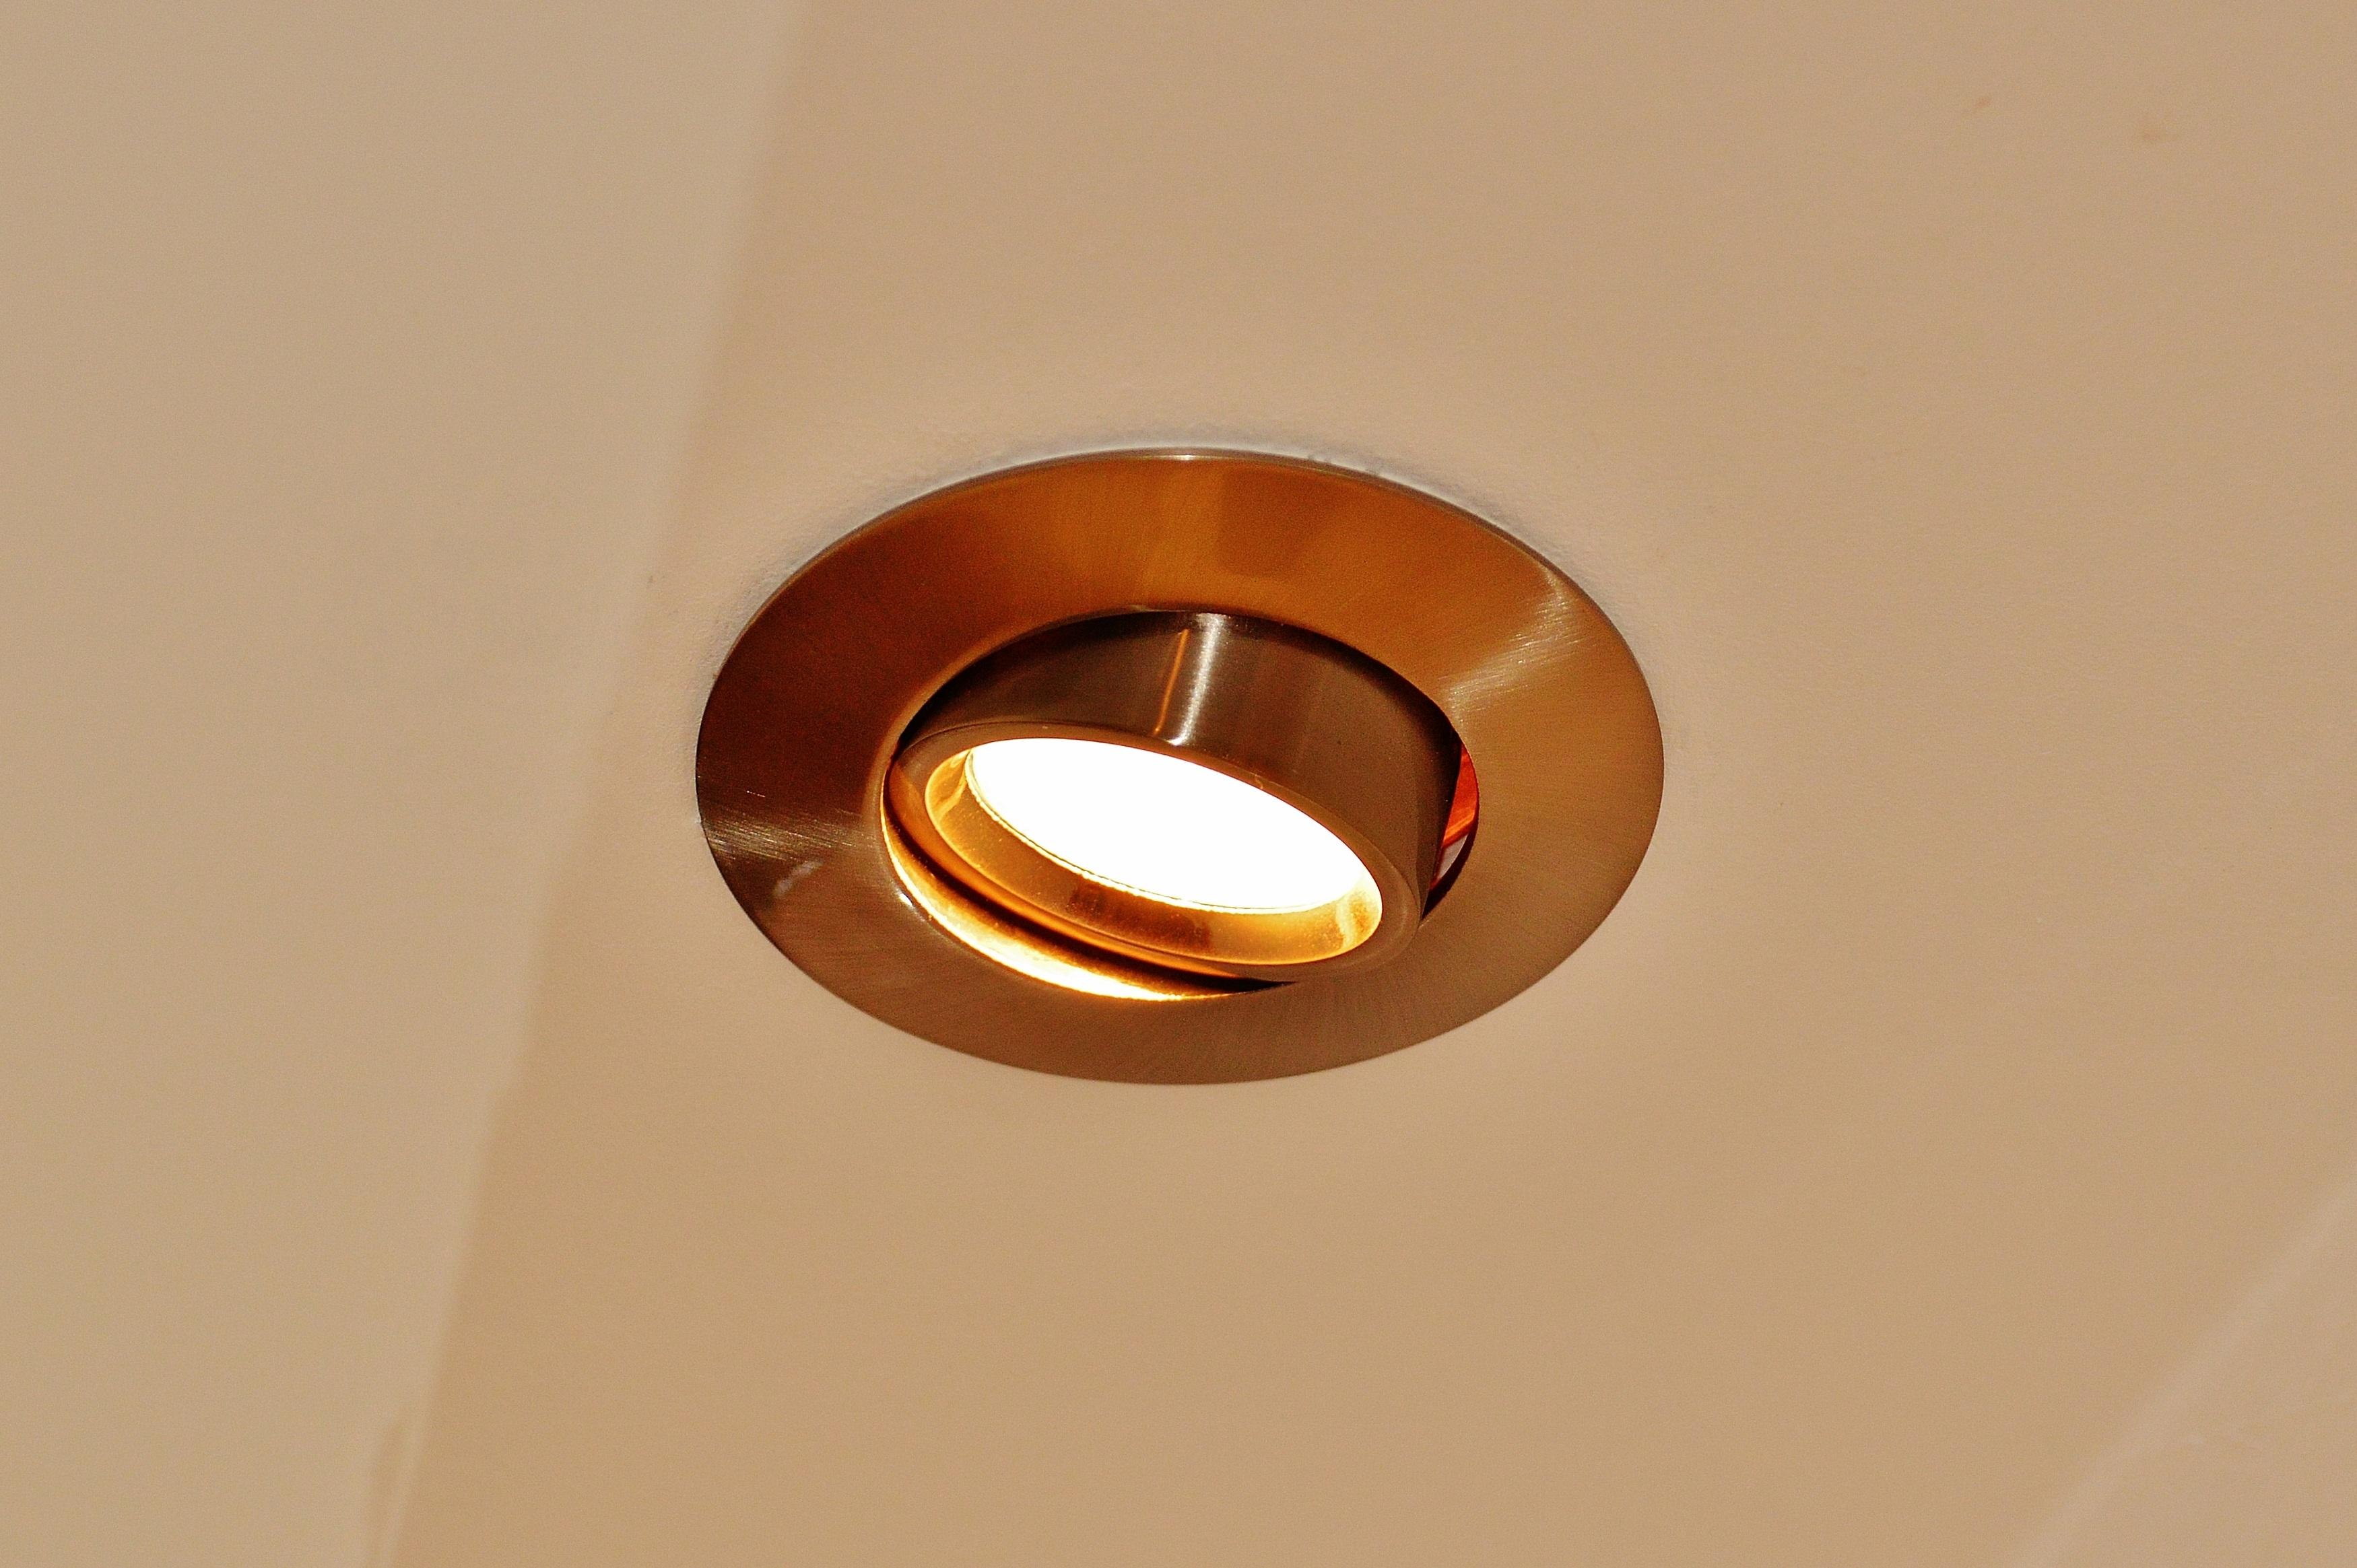 Kostenlose foto : Licht, Decke, Orange, Metall, Lampe, Beleuchtung ...